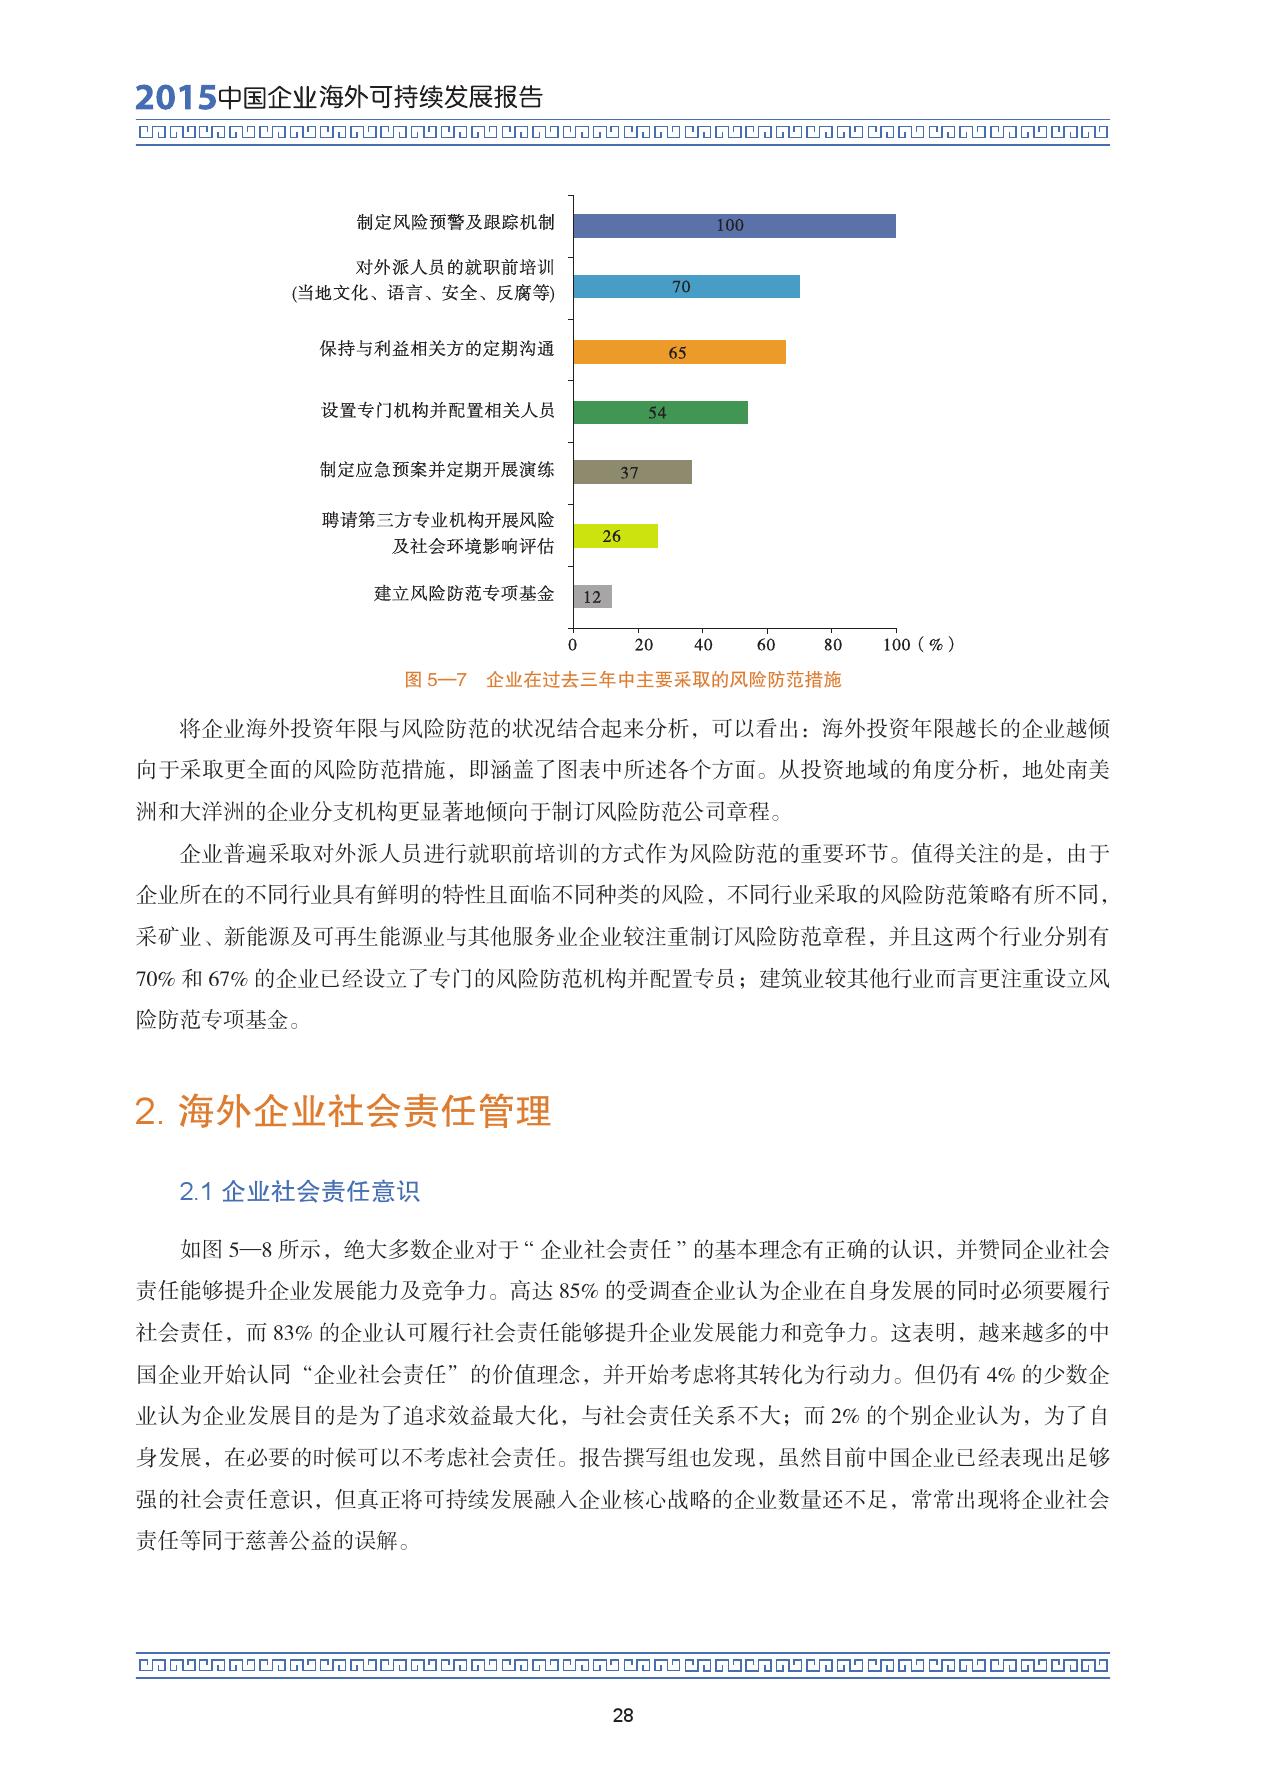 2015中国企业海外可持续发展报告_000042